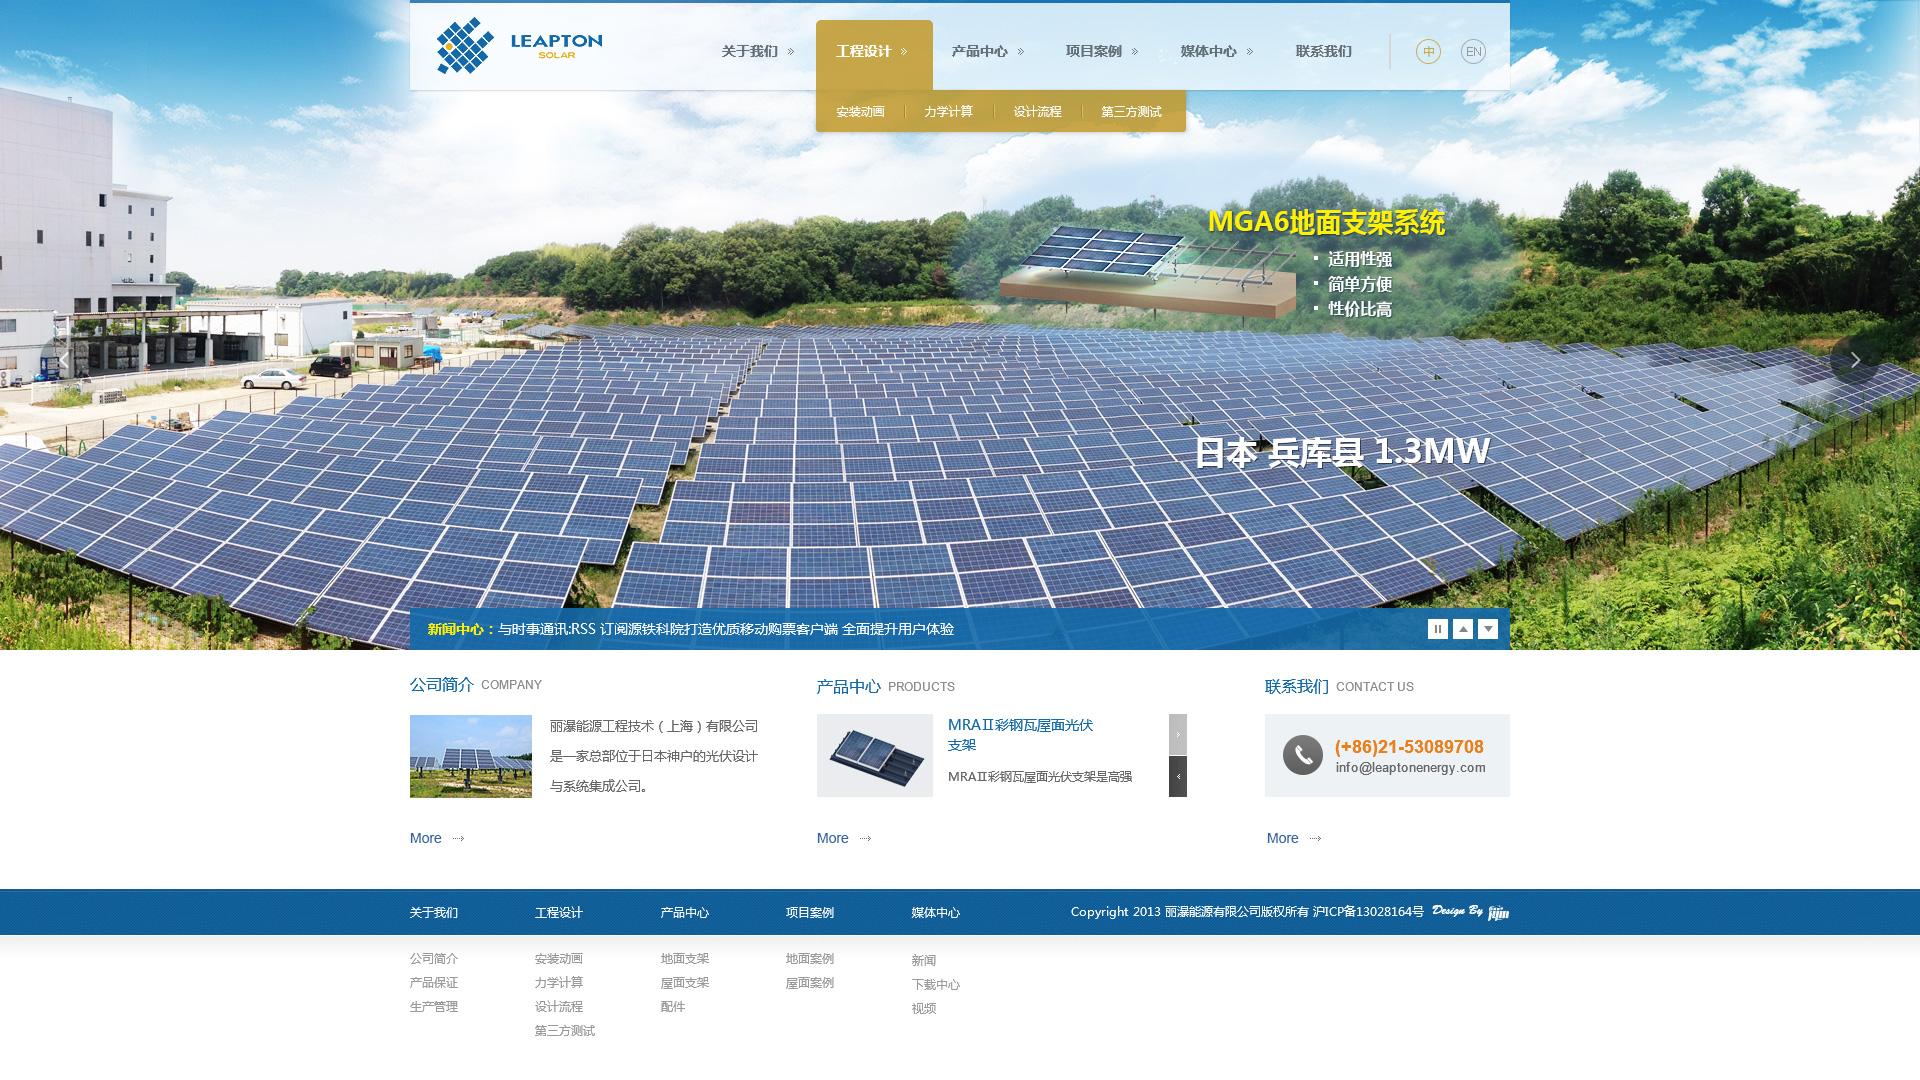 丽瀑能源工程技术(上海)有限公司案例图片